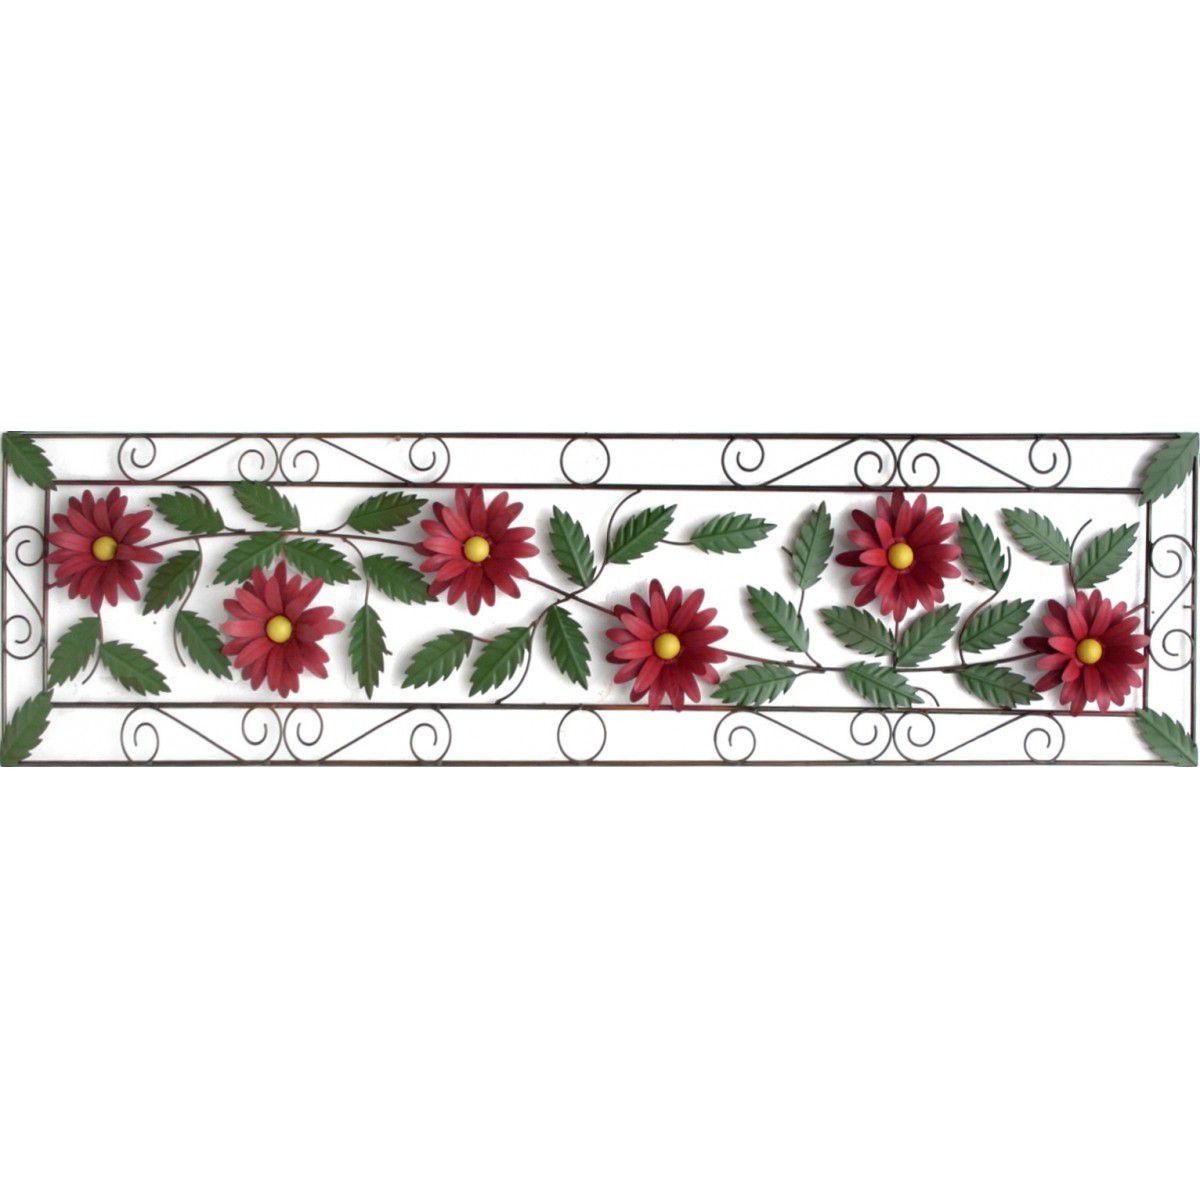 Moldura para Sala de Jantar Grande com Flores Artesanais Rustica